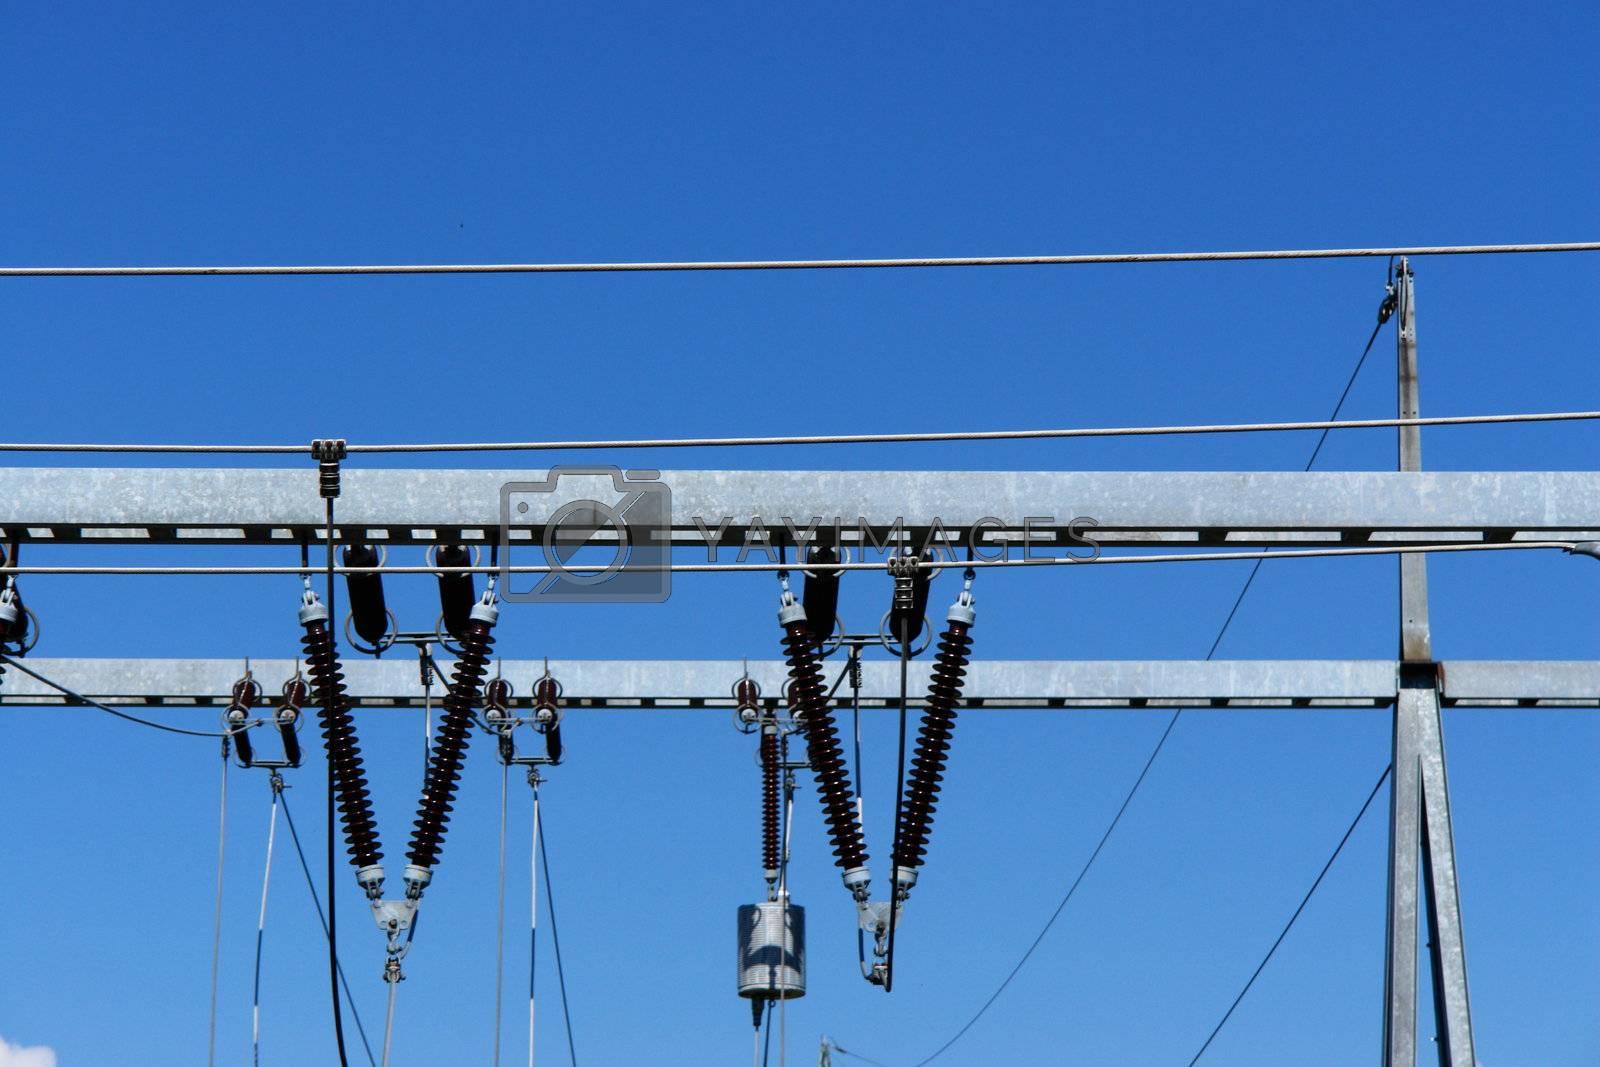 a utiliy pole against a blue sky